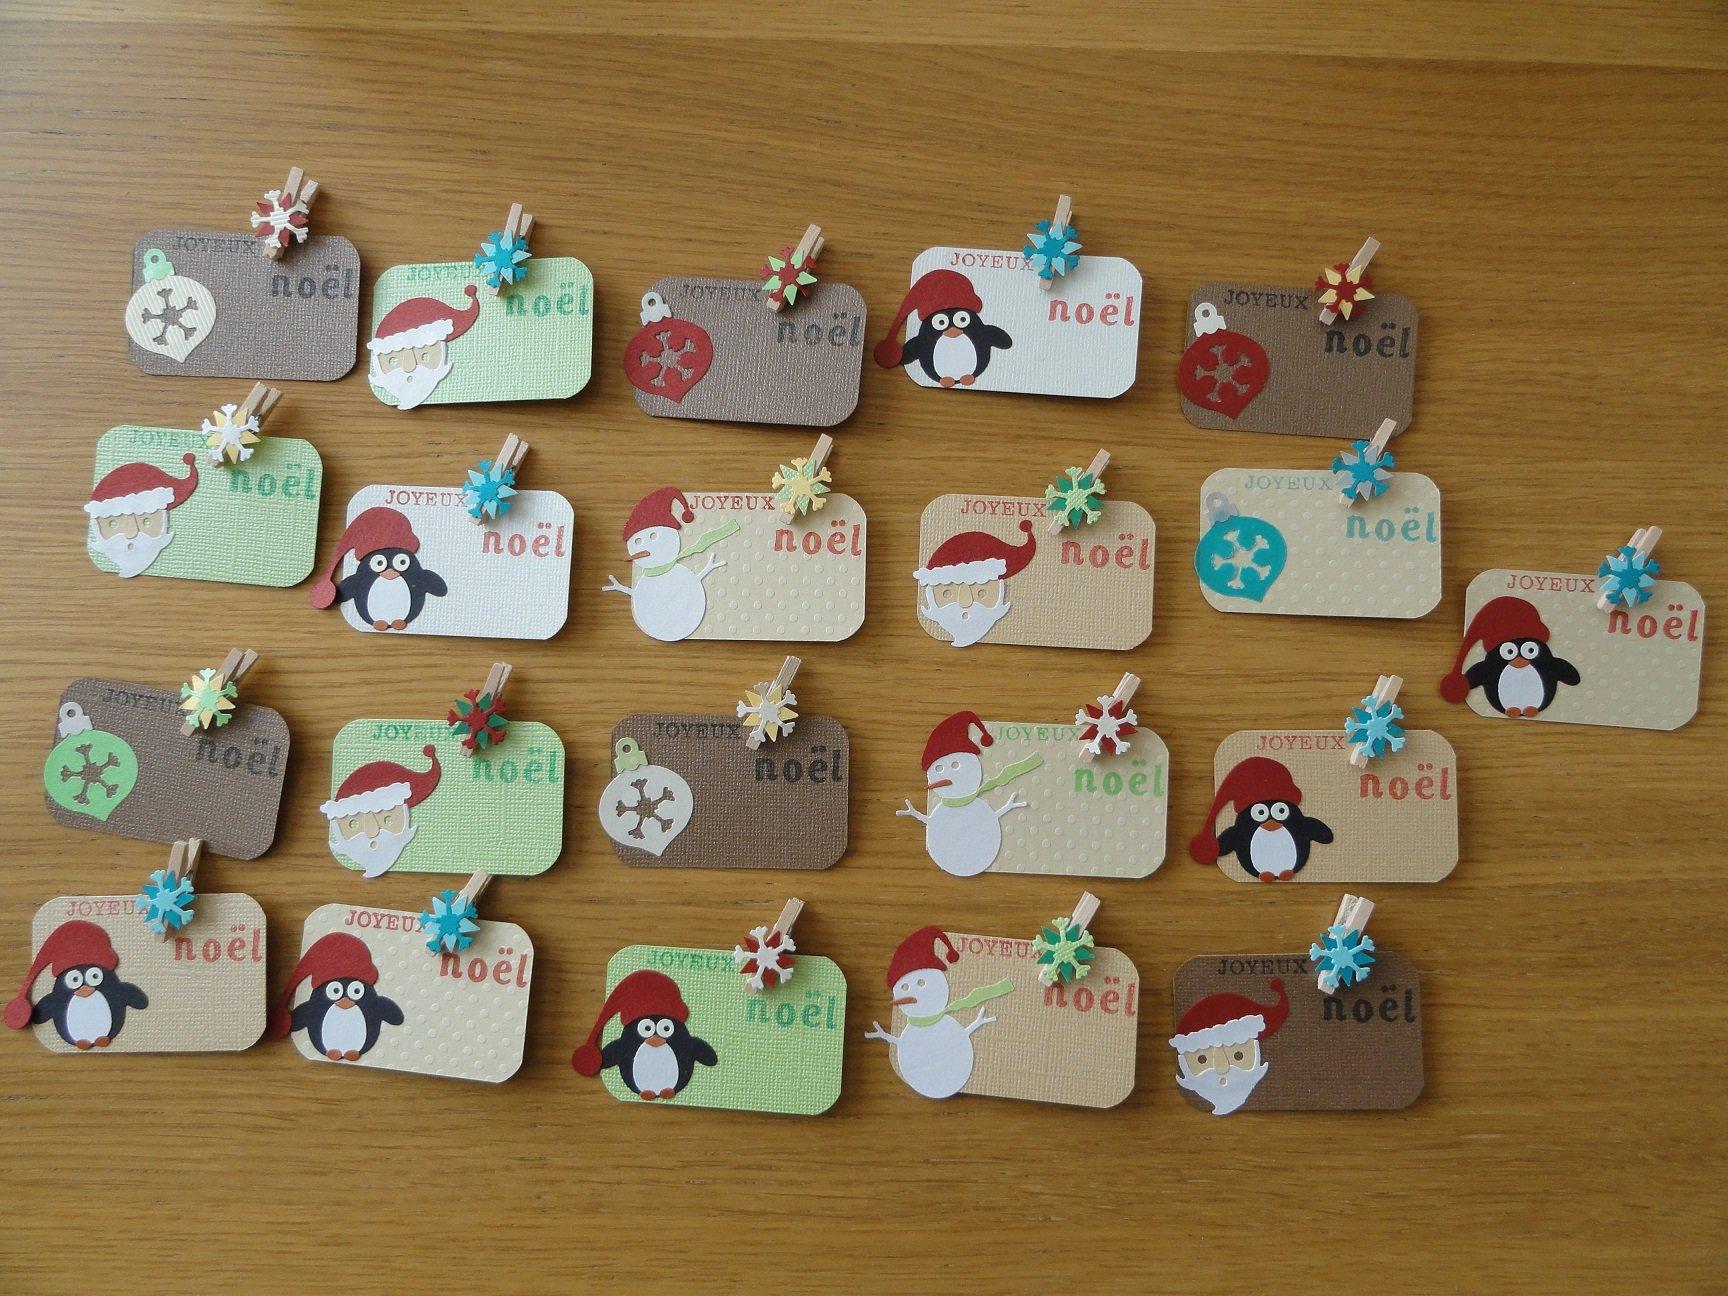 #248188 Fairepartfaitmain » Des Marques Places Pour Noël 5307 décorations de noel à faire en classe 1728x1296 px @ aertt.com